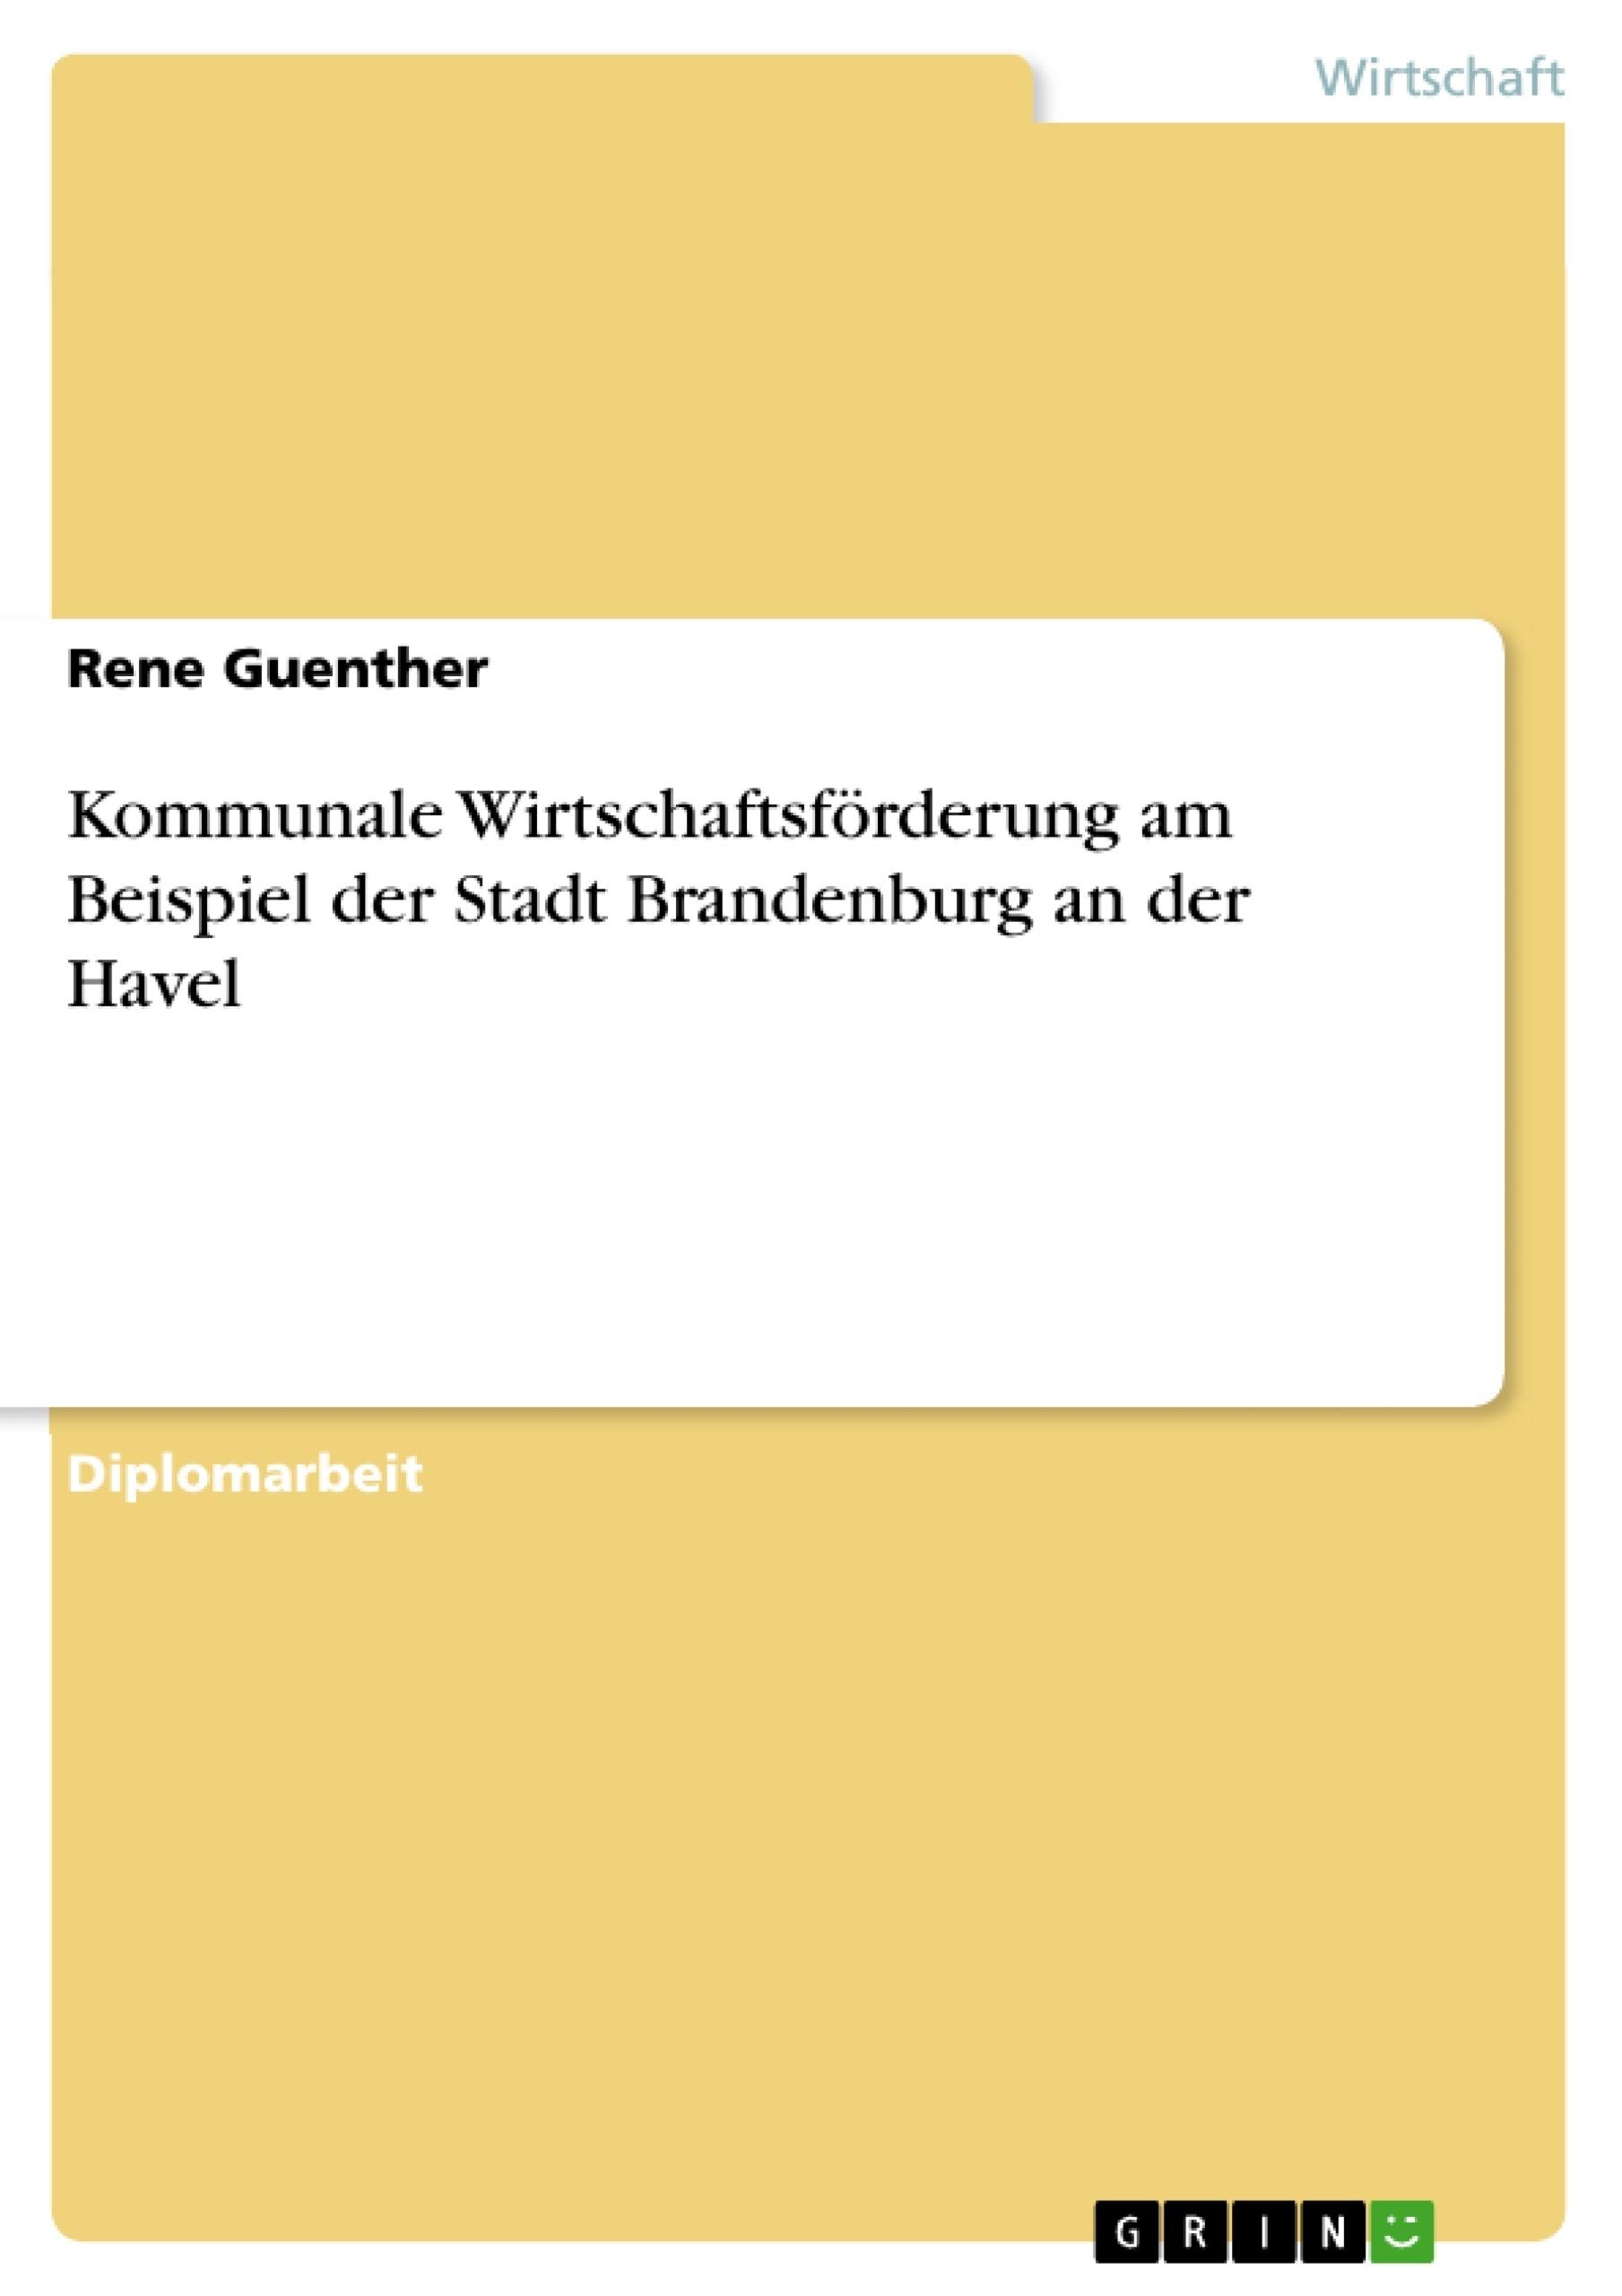 Titel: Kommunale Wirtschaftsförderung am Beispiel der Stadt Brandenburg an der Havel